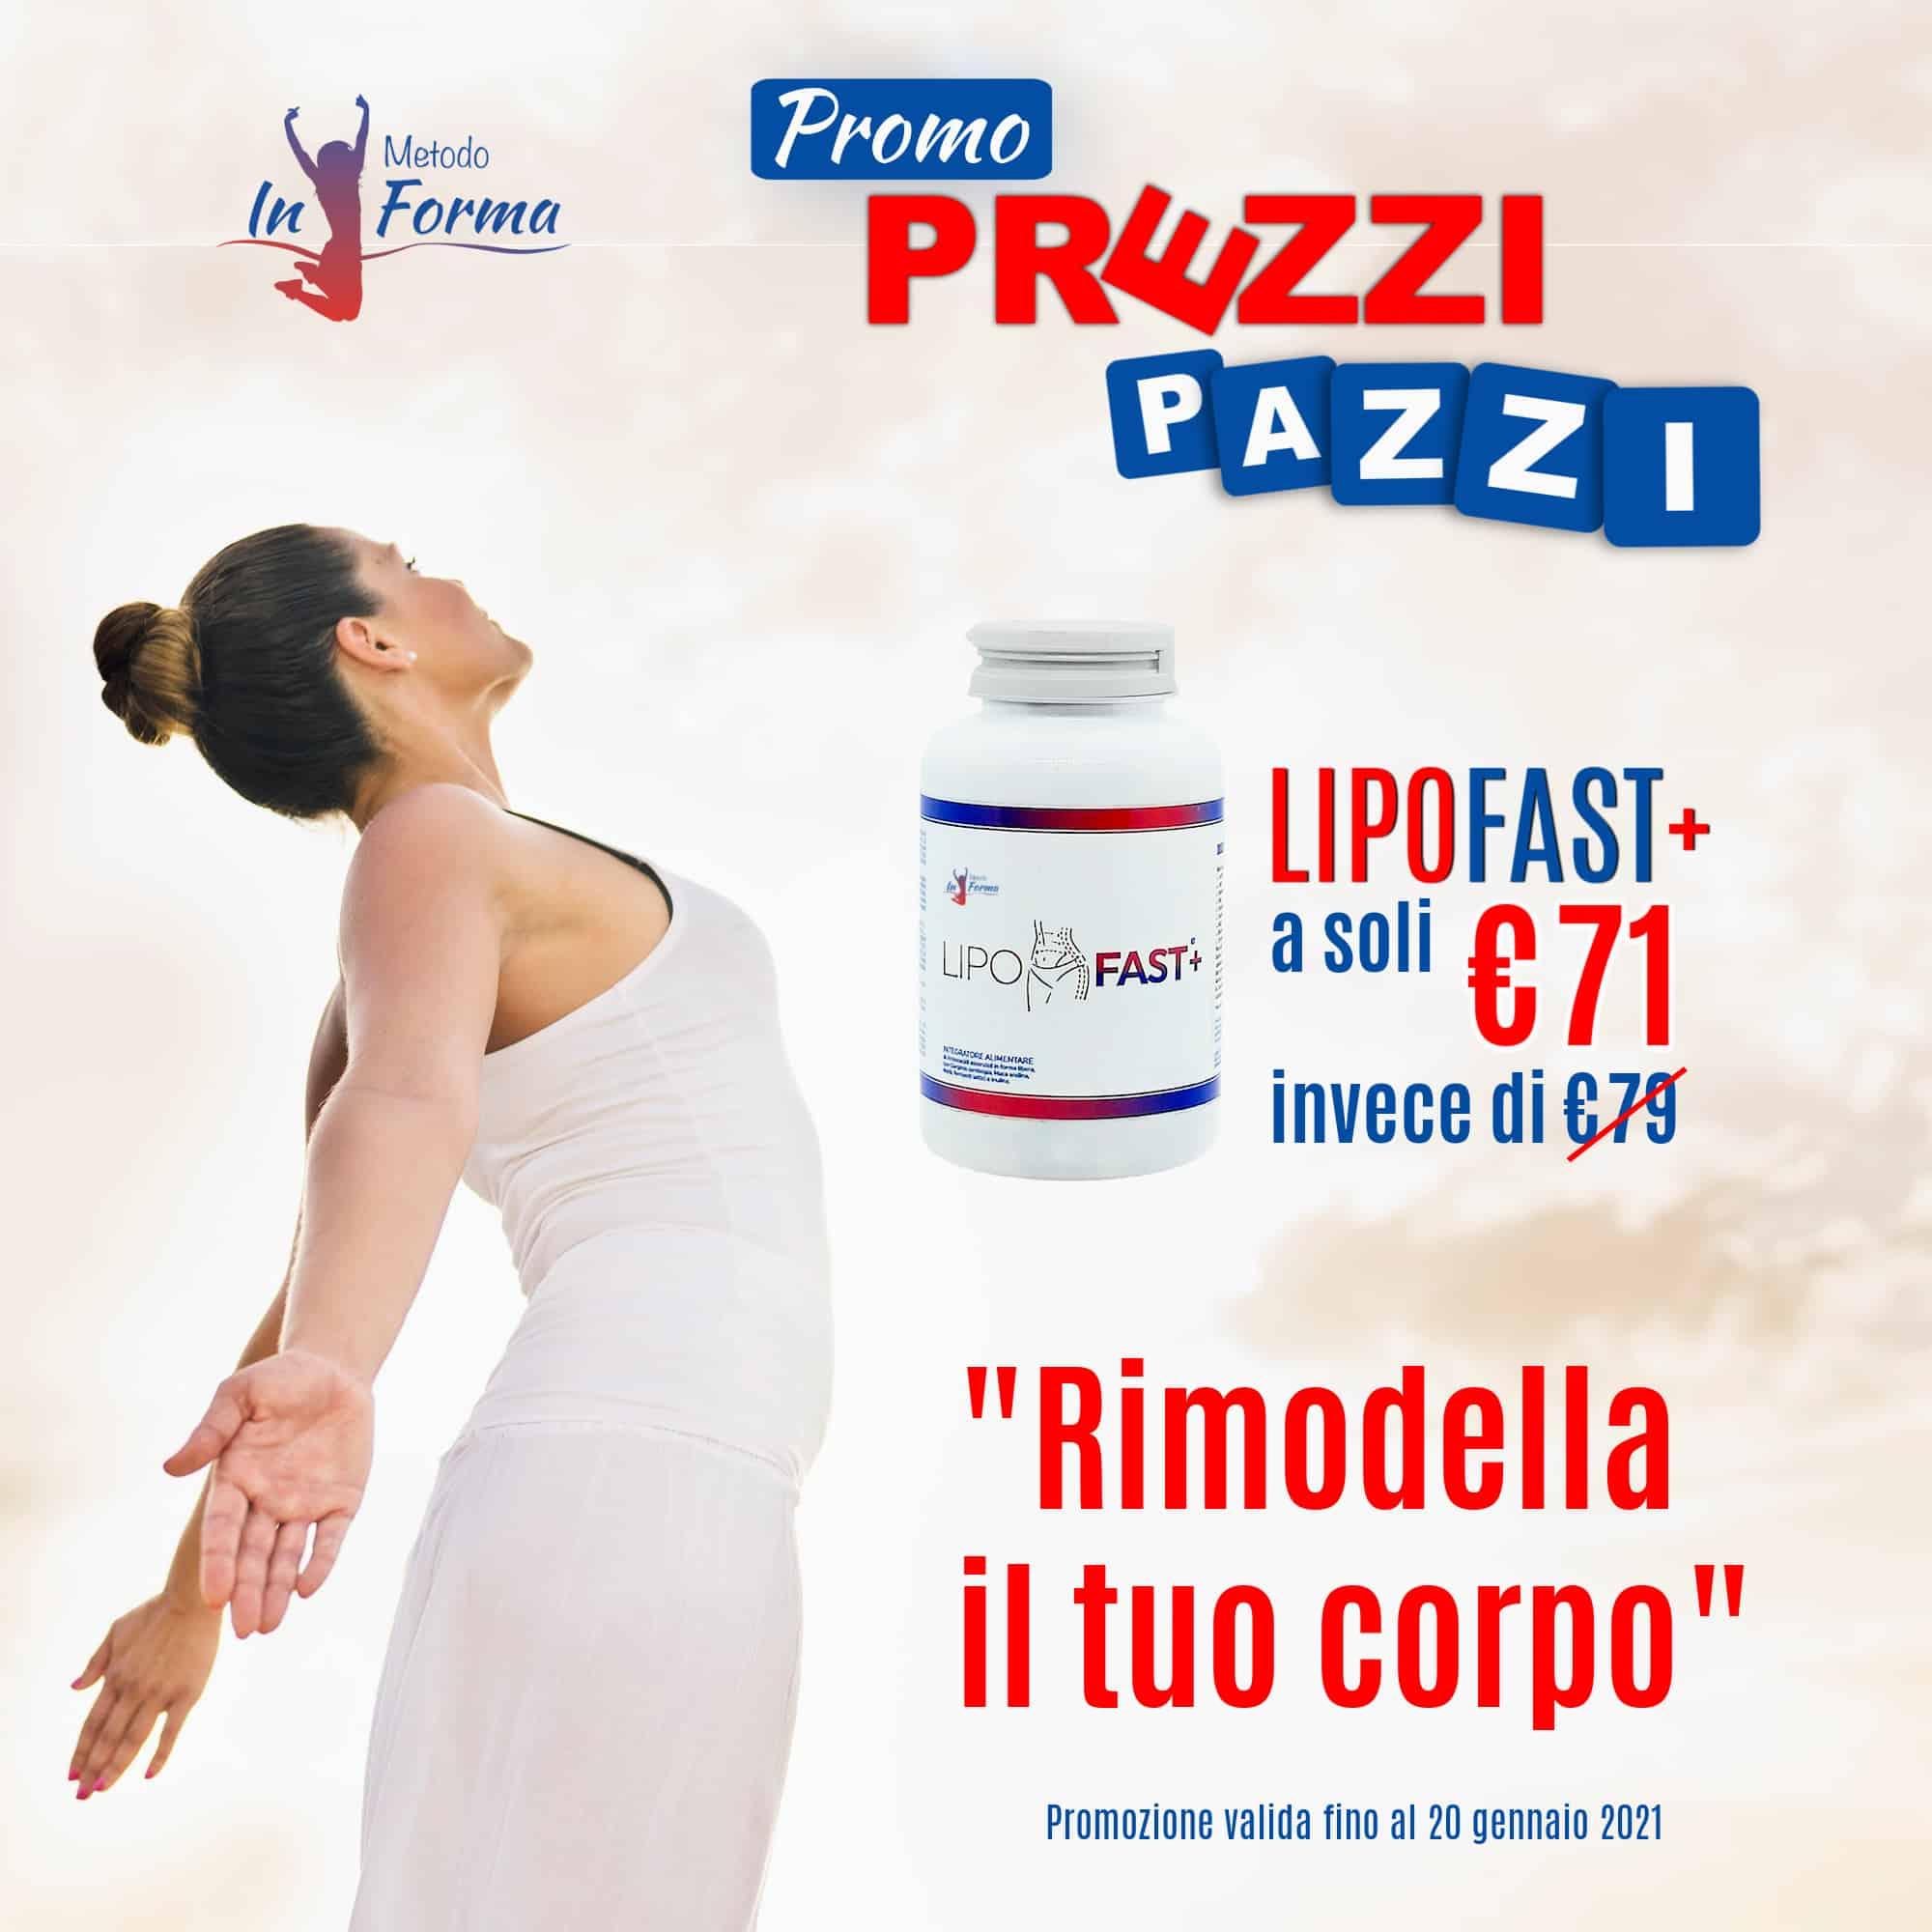 #PromoPrezziPazzi | Metodo InForma